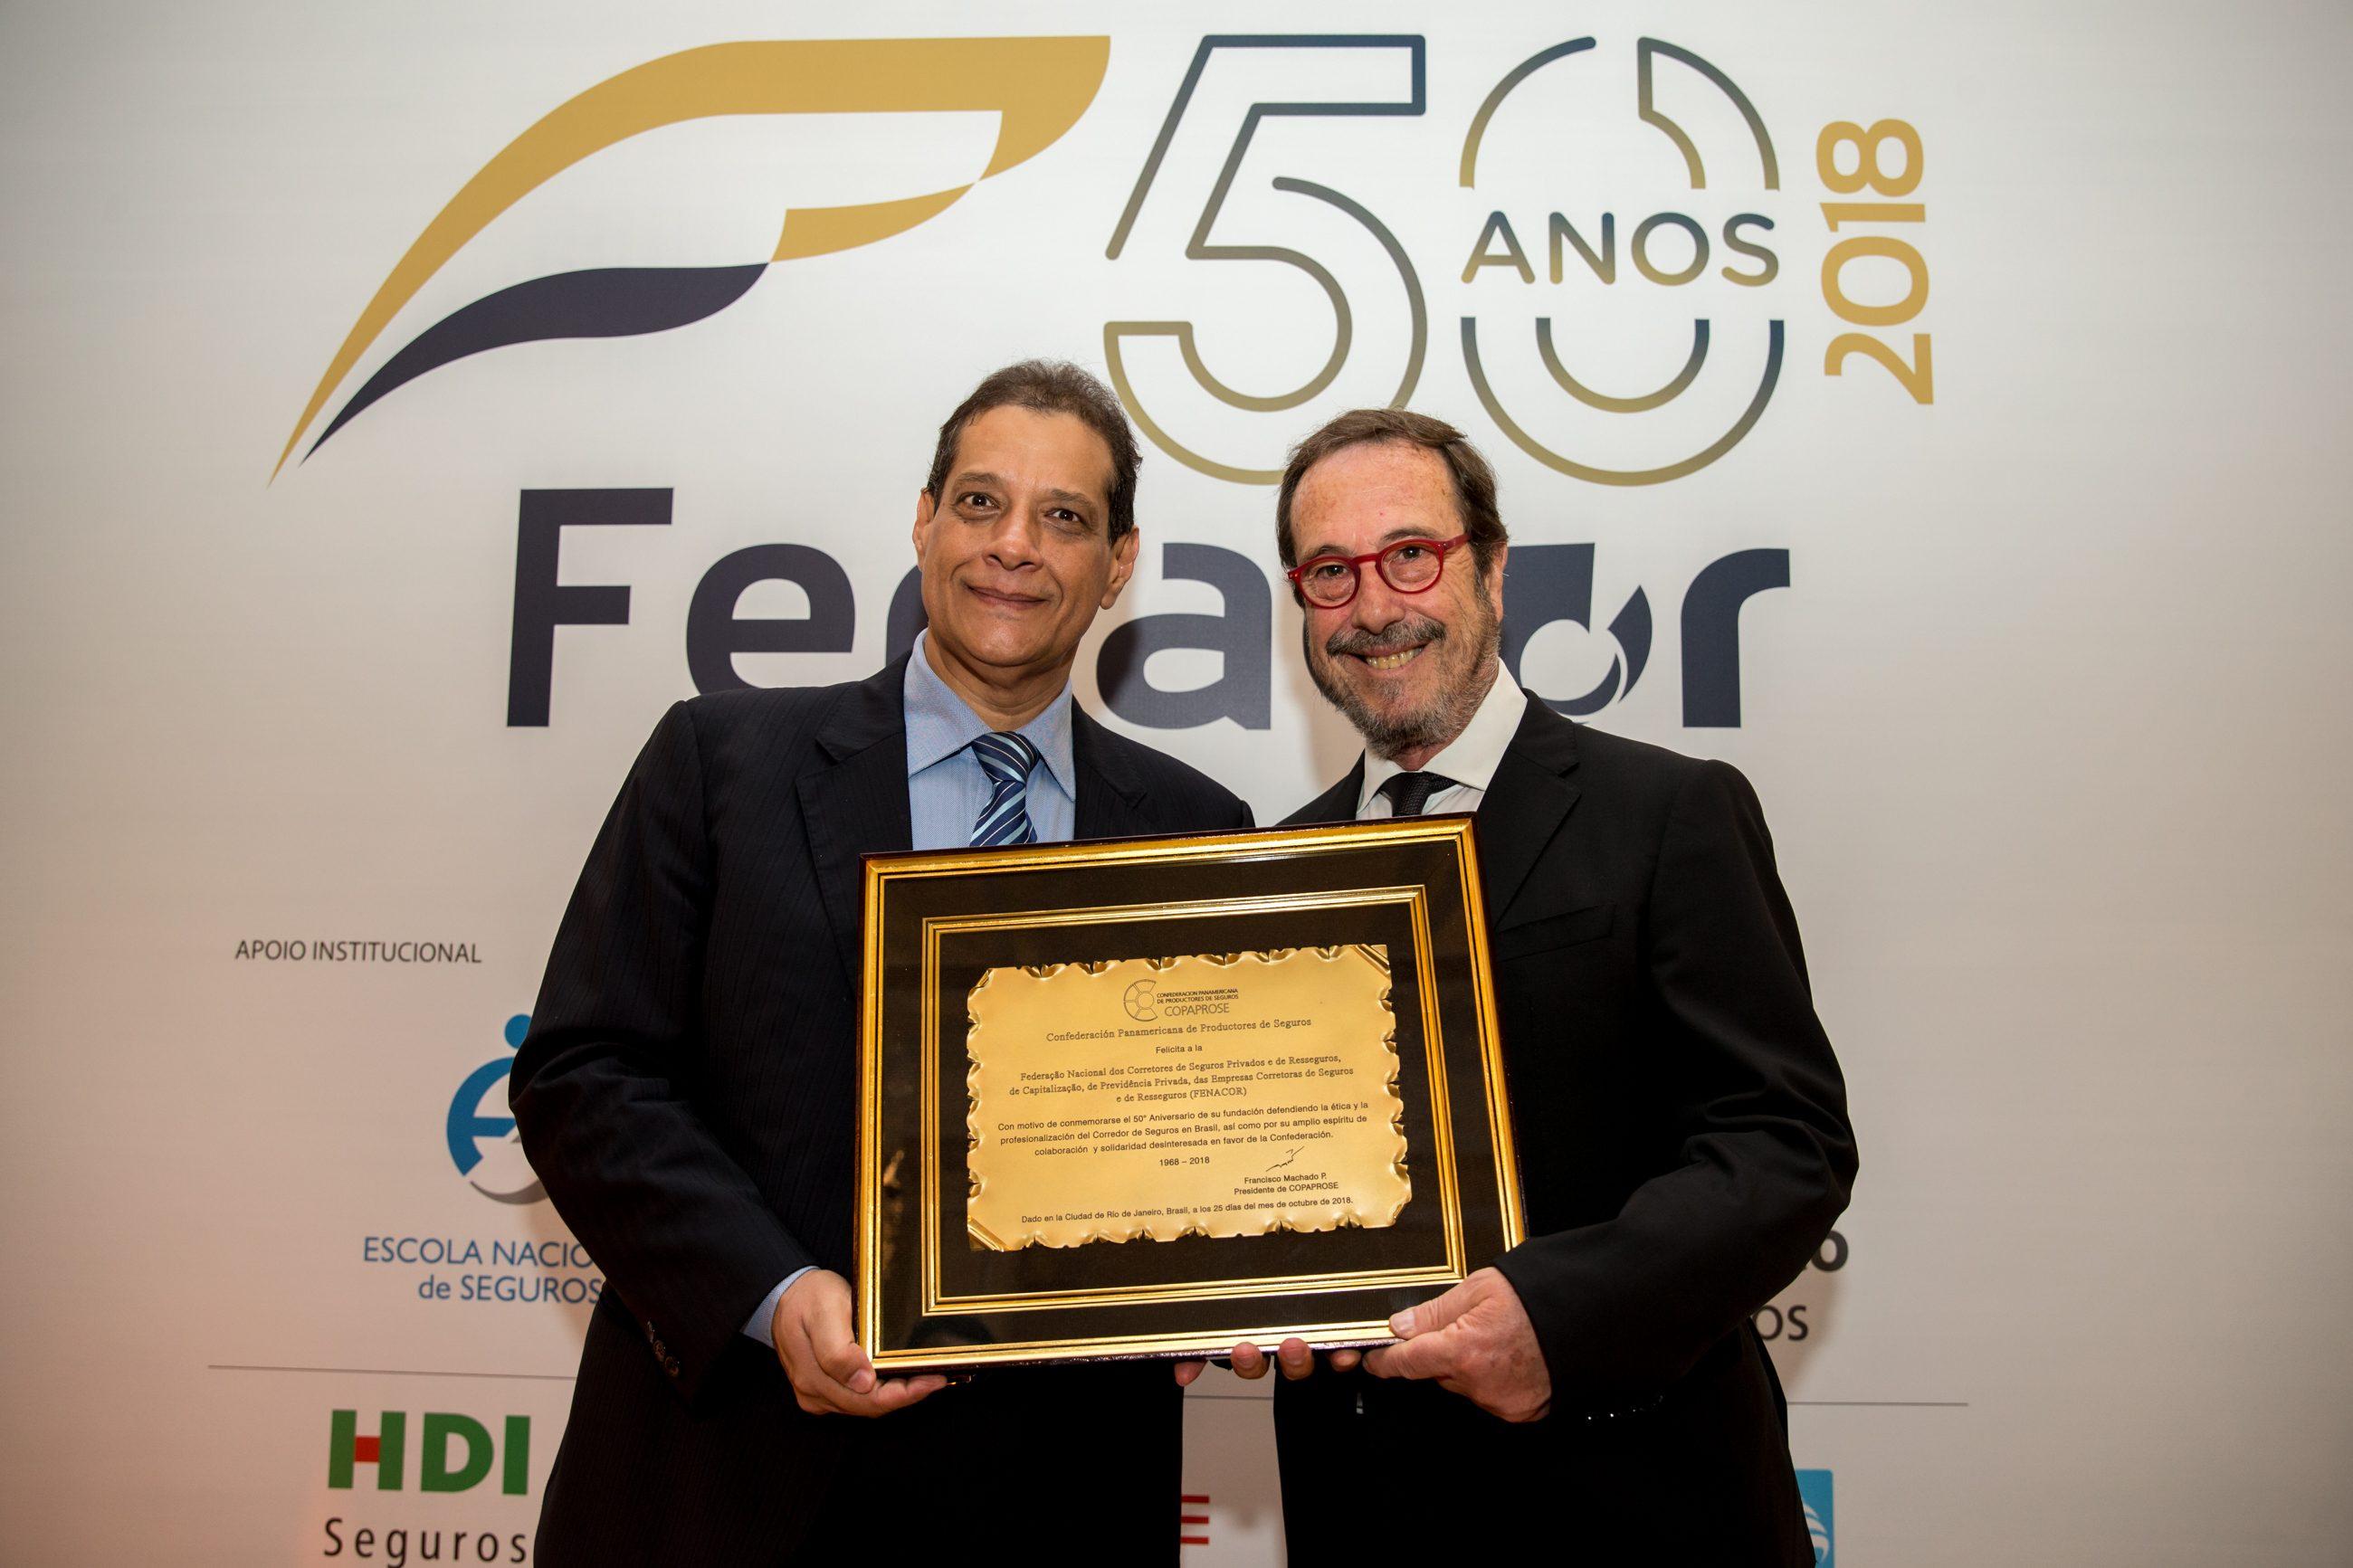 COPAPROSE participa en celebración de 50 Aniversario de FENACOR